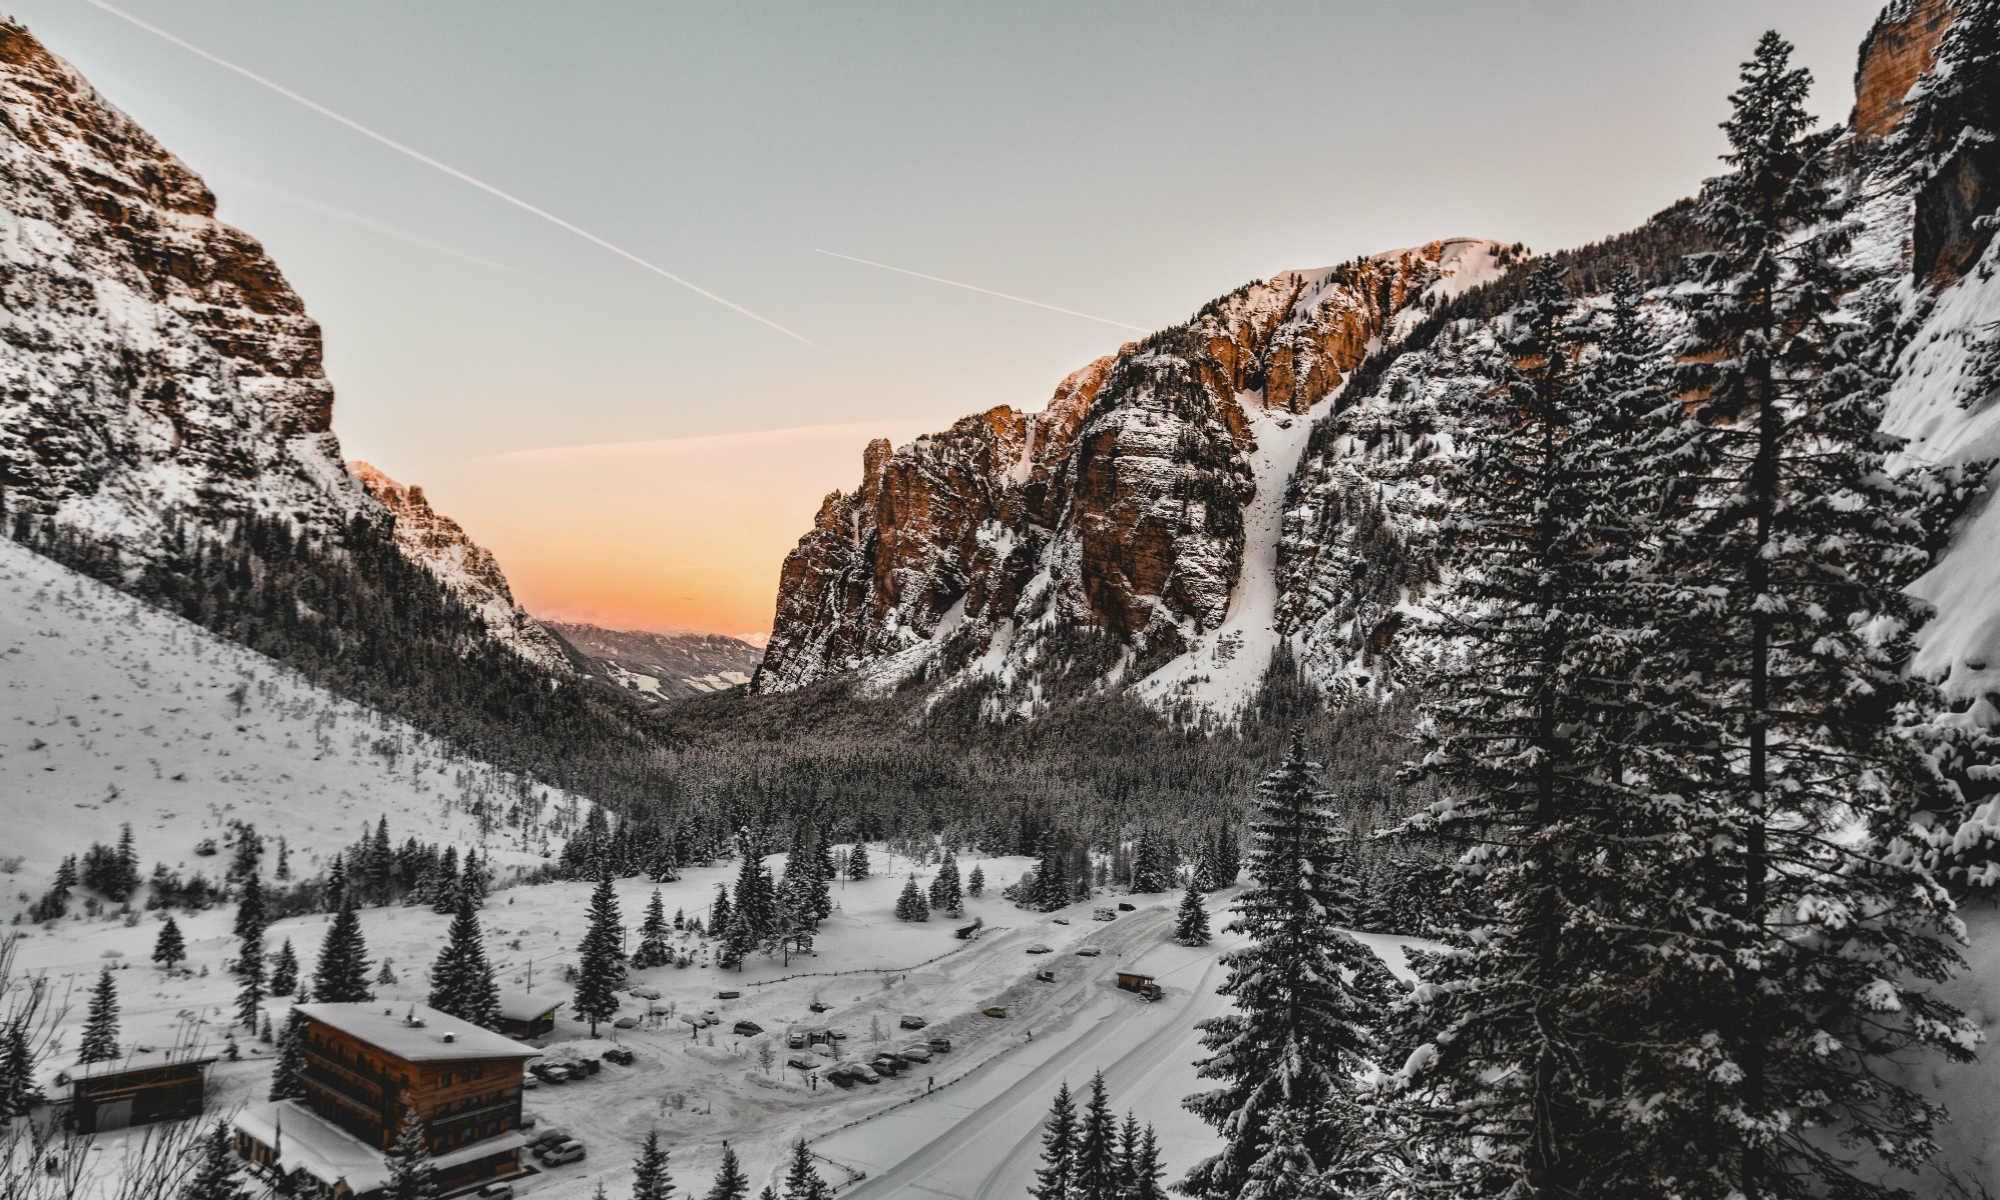 Paesaggio delle Dolomiti e del Parco Naturale Fanes-Senes-Braies visto da San Vigilio di Marebbe.